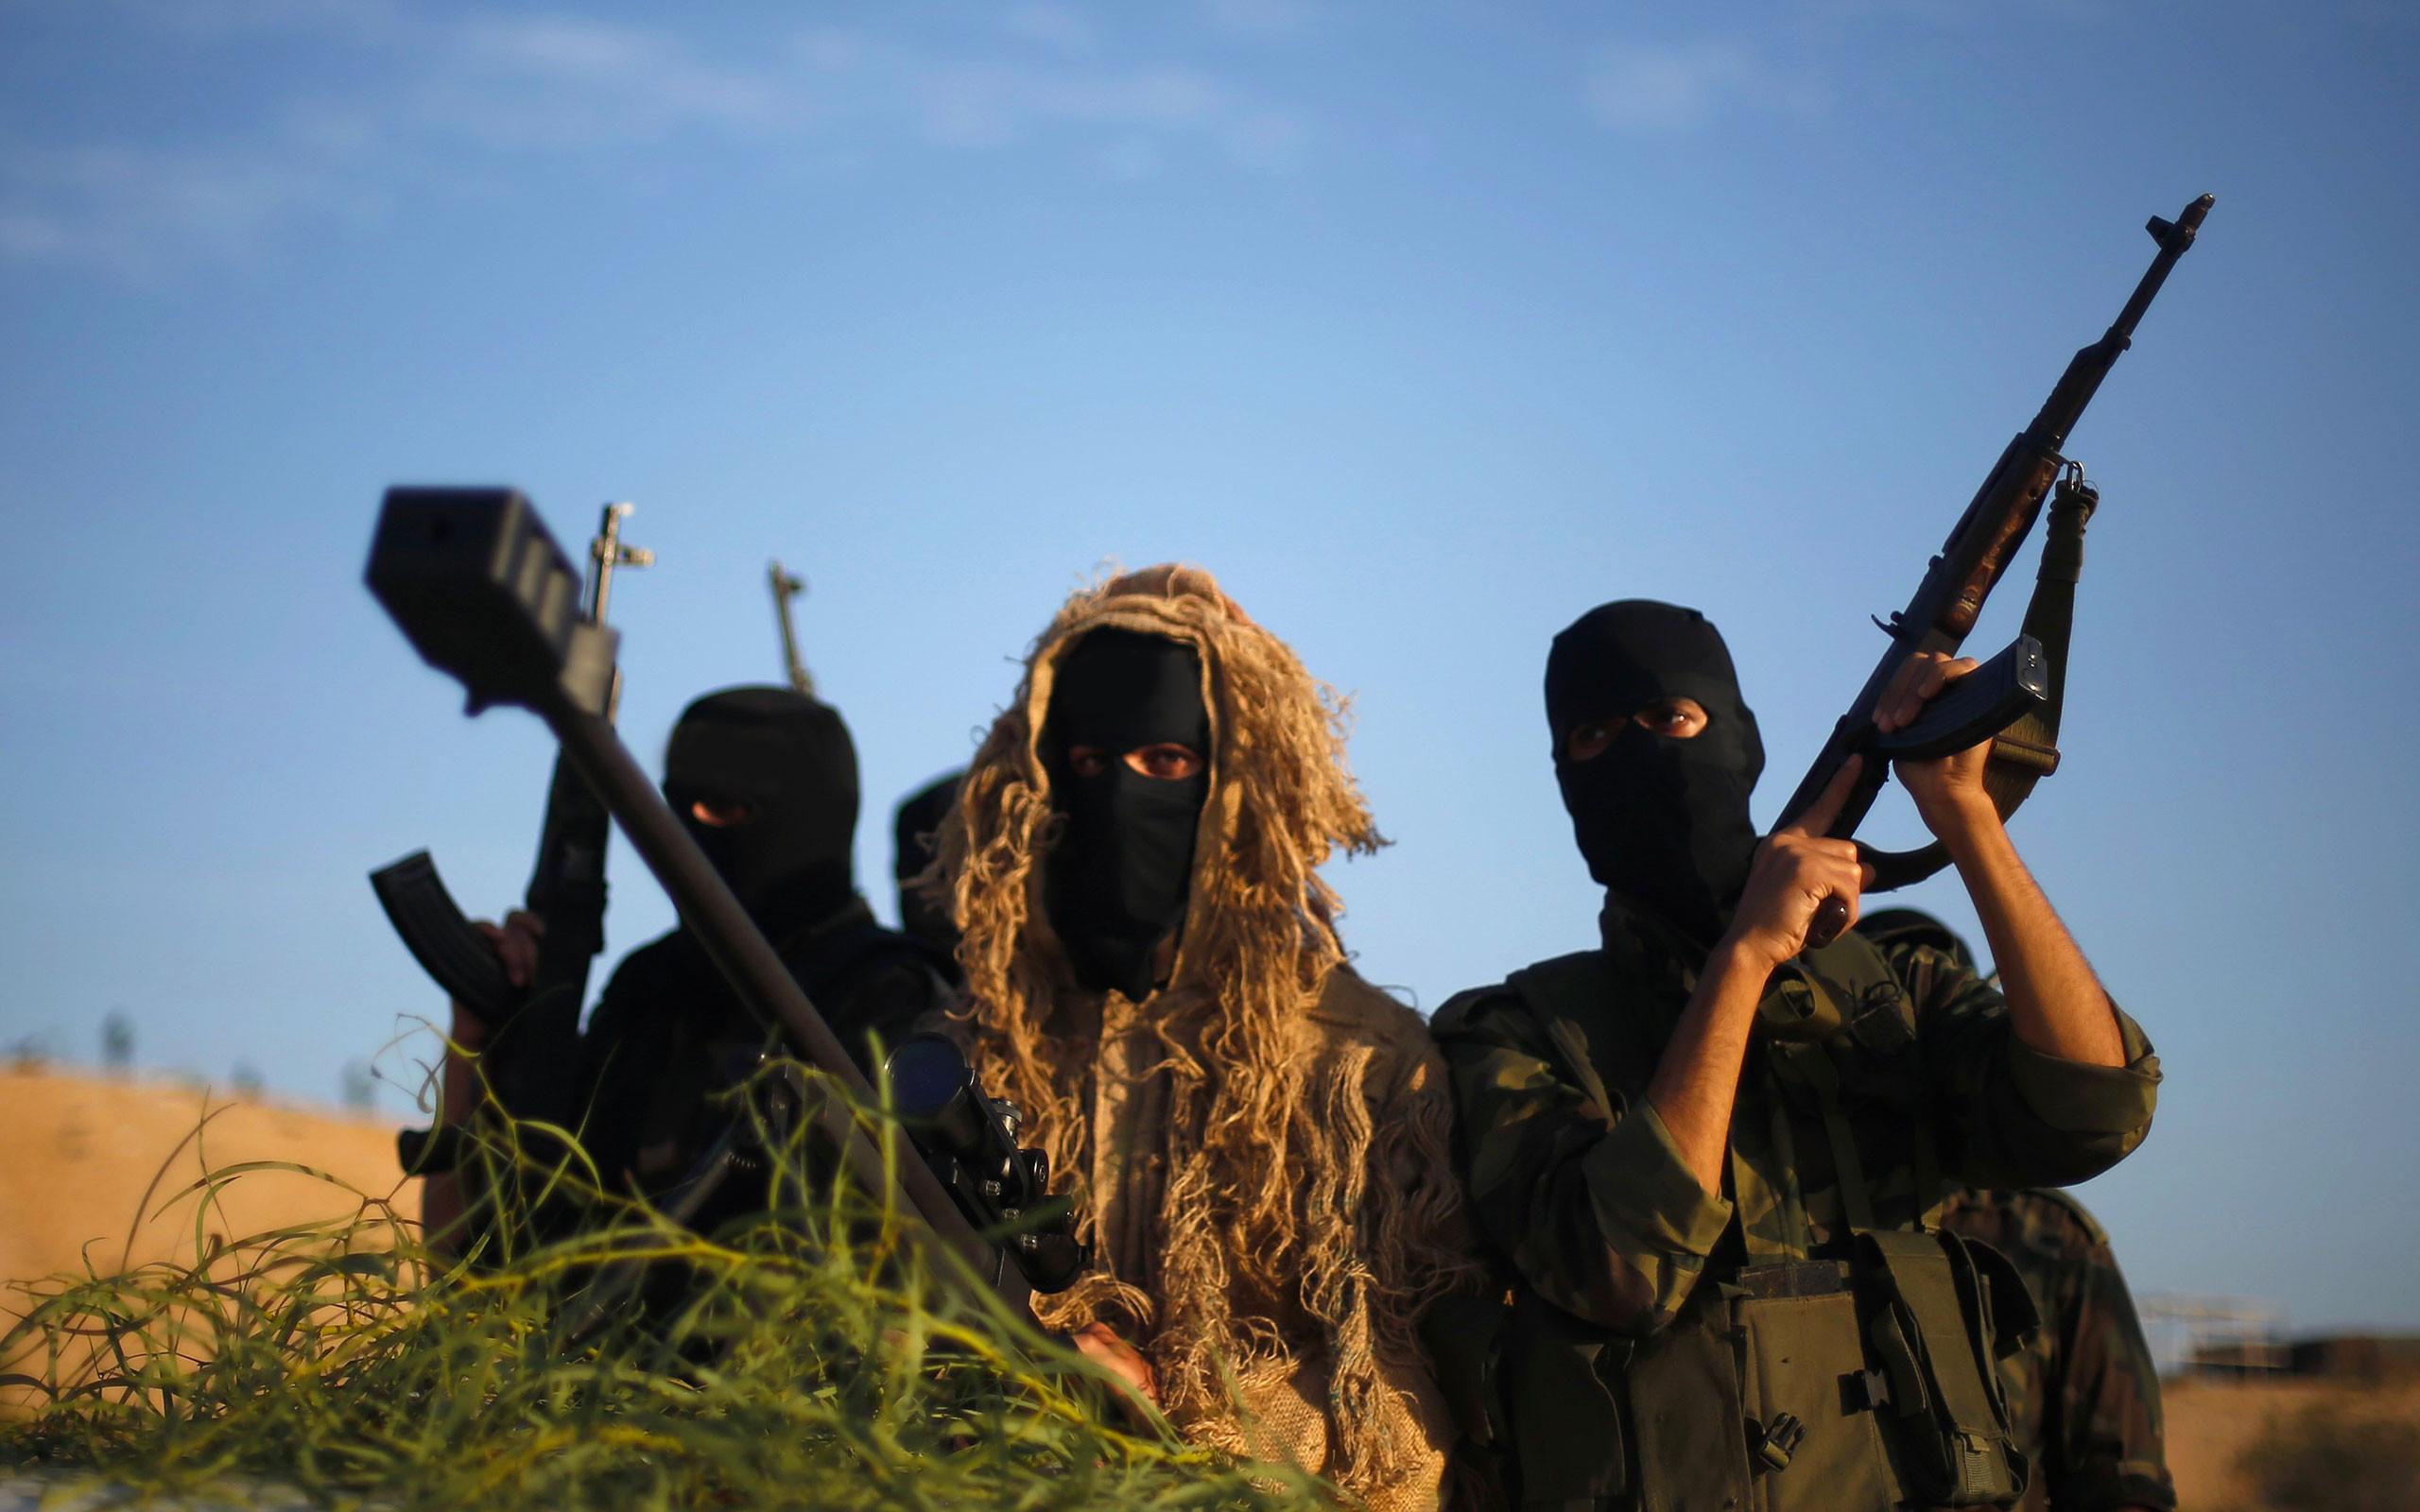 """Джихад - это что такое? значение слова """"джихад"""" что такое джихад в исламе?"""